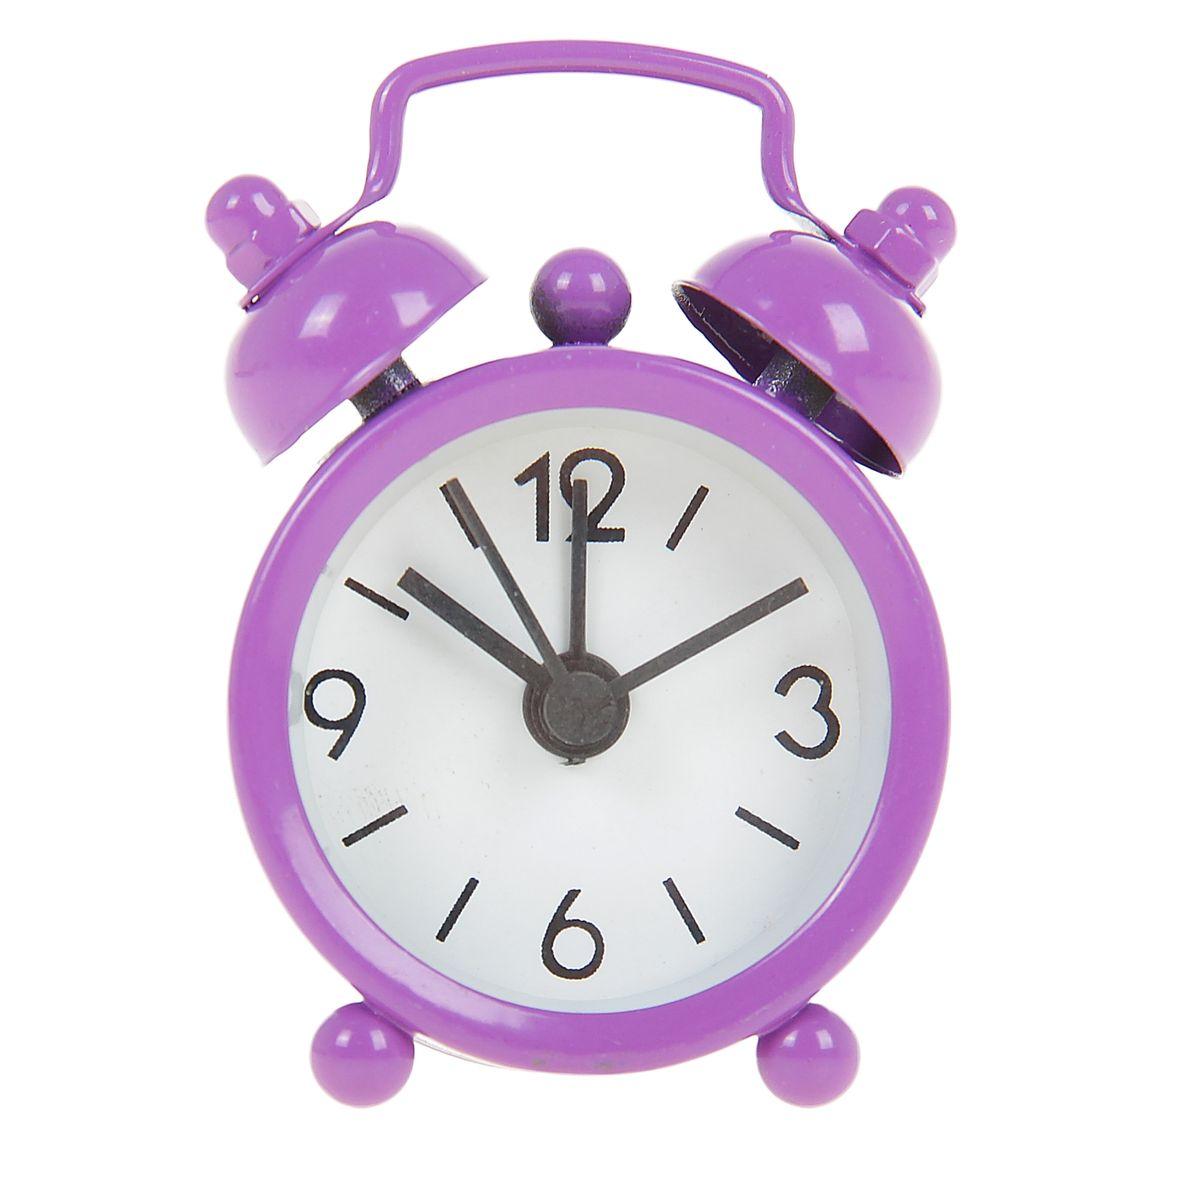 Часы-будильник Sima-land, цвет: фиолетовый. 840937840937Как же сложно иногда вставать вовремя! Всегда так хочется поспать еще хотя бы 5 минут и бывает, что мы просыпаем. Теперь этого не случится! Яркий, оригинальный будильник Sima-land поможет вам всегда вставать в нужное время и успевать везде и всюду. Будильник украсит вашу комнату и приведет в восхищение друзей. Эта уменьшенная версия привычного будильника умещается на ладони и работает так же громко, как и привычные аналоги. Время показывает точно и будит в установленный час.На задней панели будильника расположены переключатель включения/выключения механизма, а также два колесика для настройки текущего времени и времени звонка будильника.Будильник работает от 1 батарейки типа LR44 (входит в комплект).